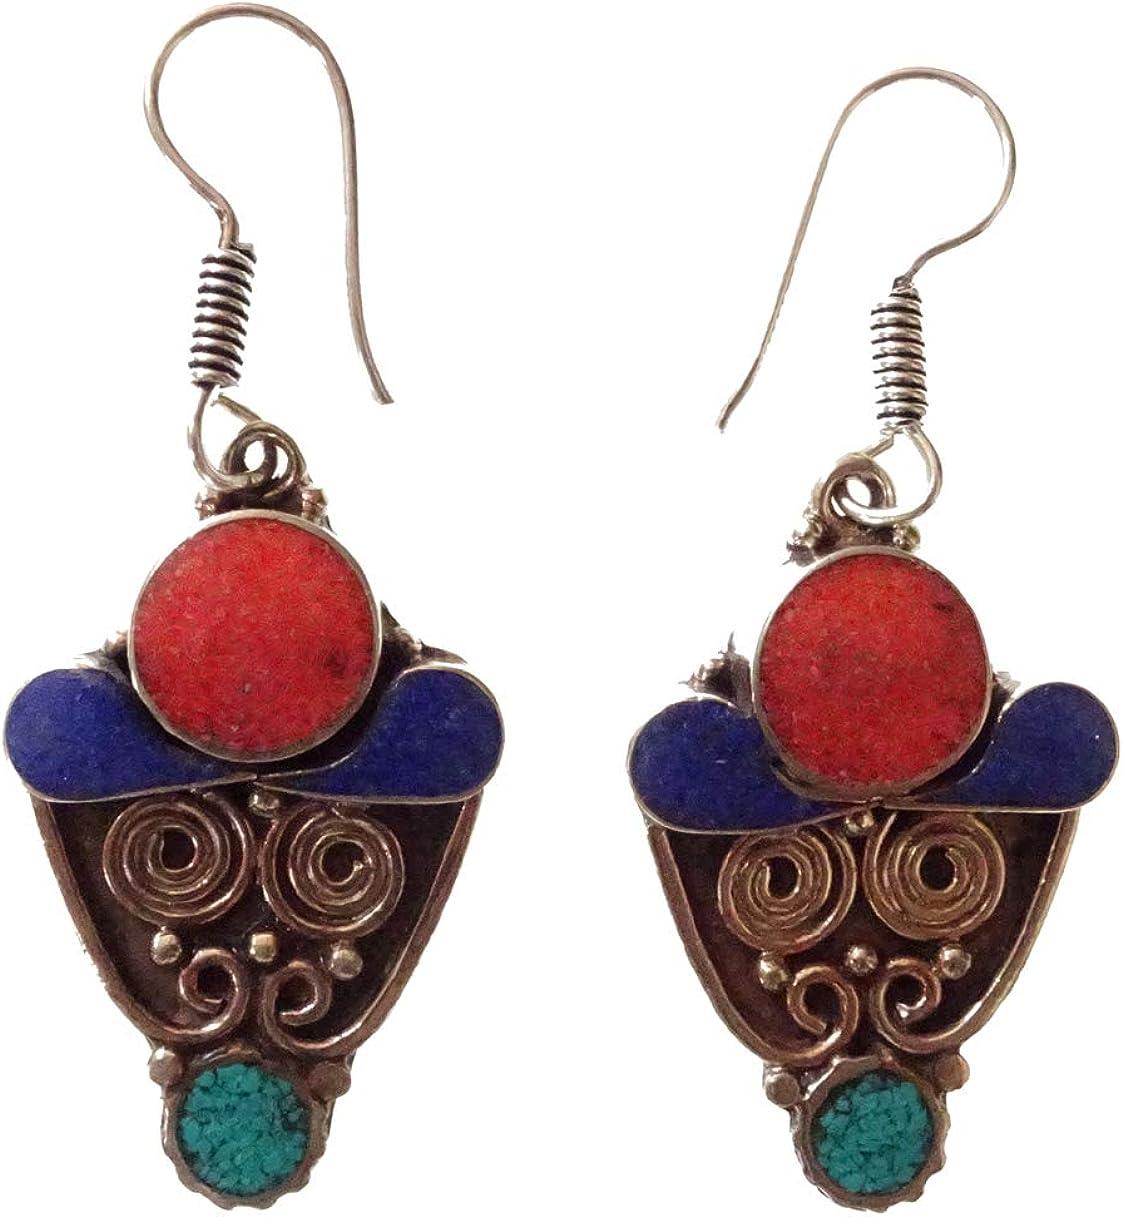 Coral y lapislázuli, turquesa Pendientes de piedras preciosas para mujeres Gota Cuelga Plata oxidada Pendiente tibetano hecho a mano Artesano nepalí Budista Joyería de moda de pendiente única budista